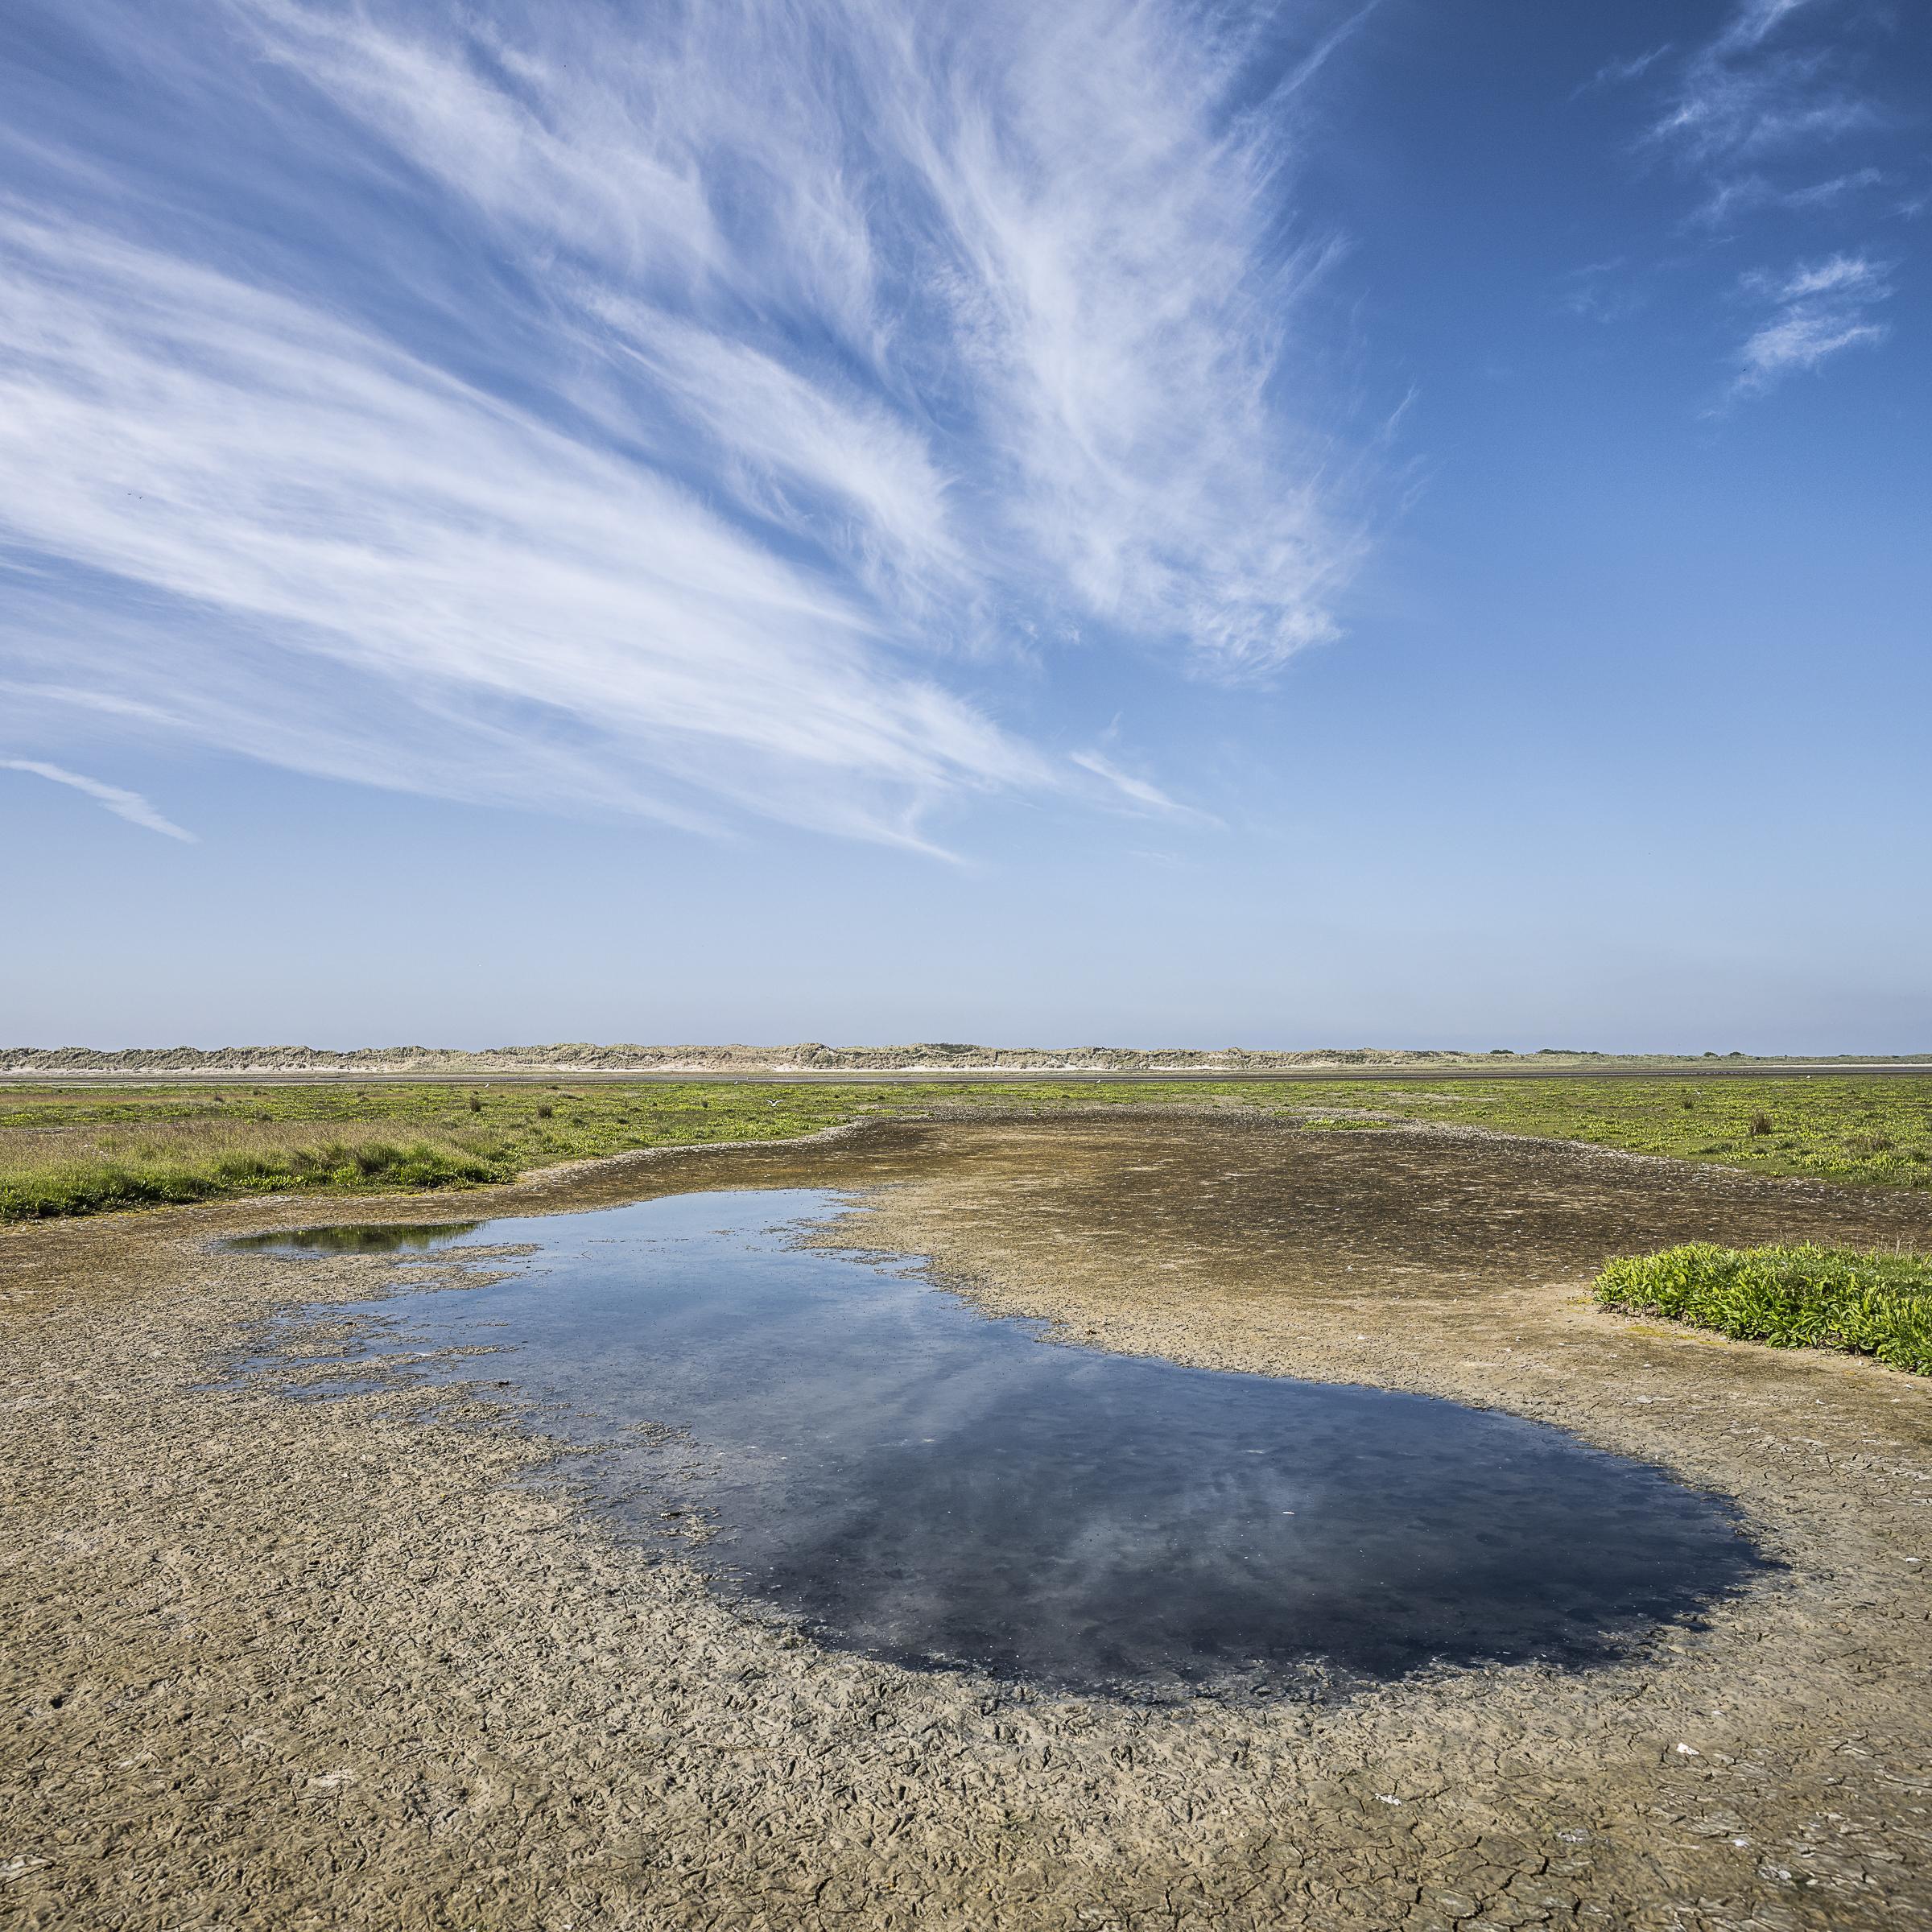 Een halve eeuw geleden verbleef eerst Bomans en daarna Wolkers op de Rottemerplaat. Vandaag: natuurmens met smikkelplank